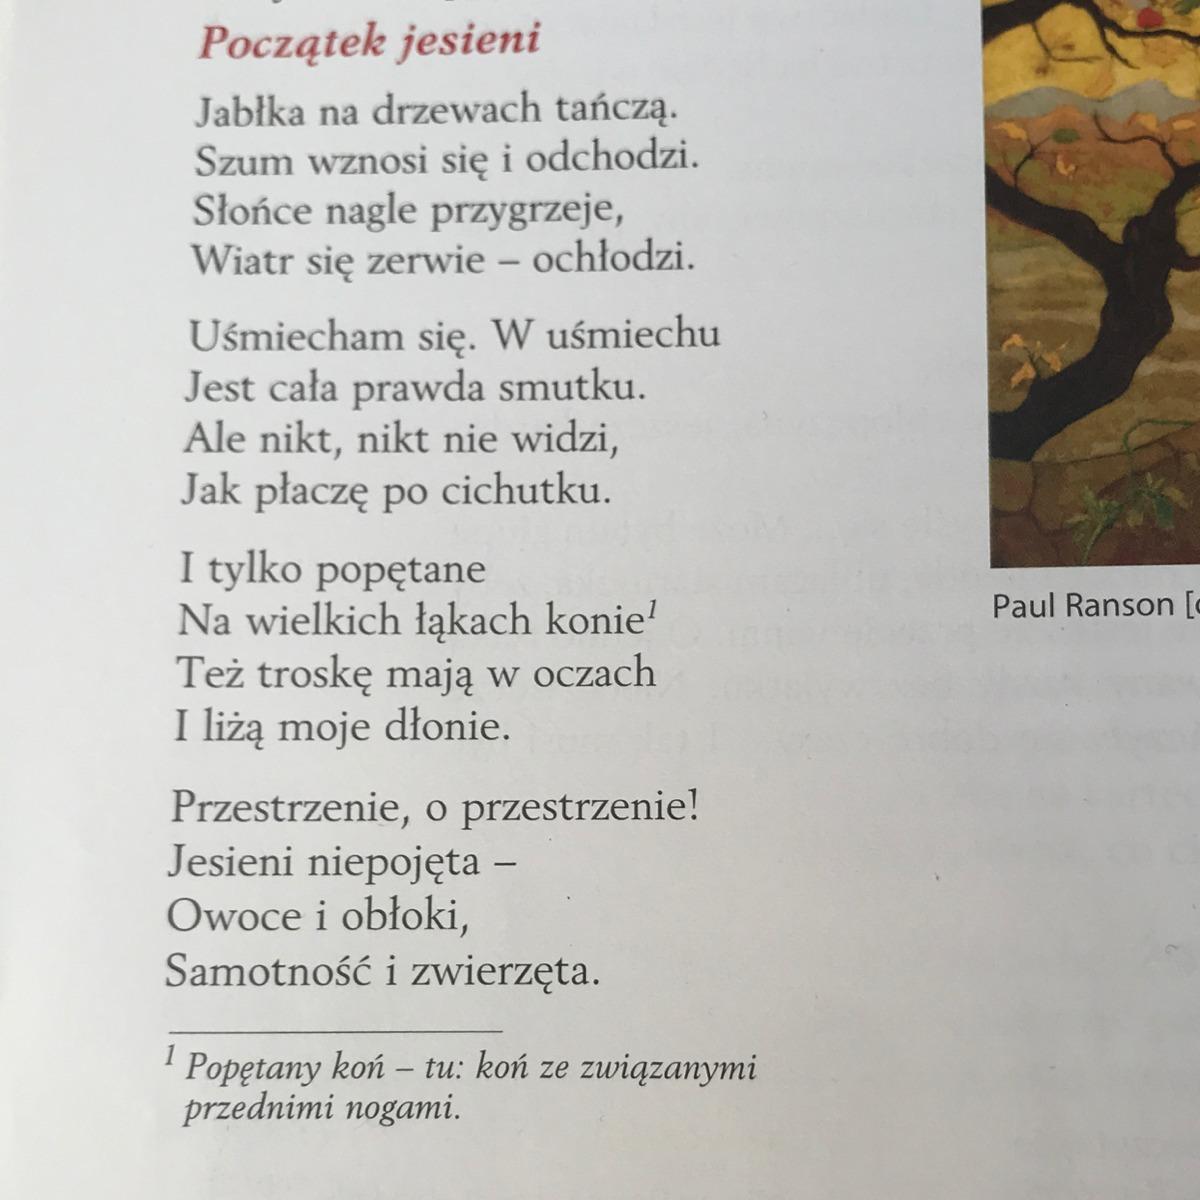 Podaj środki Poetyckie Z Wiersza Początek Jesieni Brainlypl